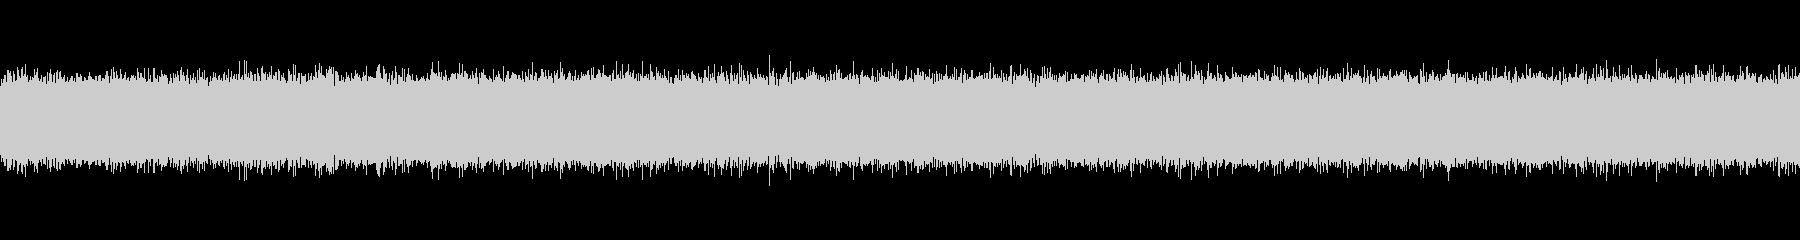 秋の虫の声と川の音2の未再生の波形